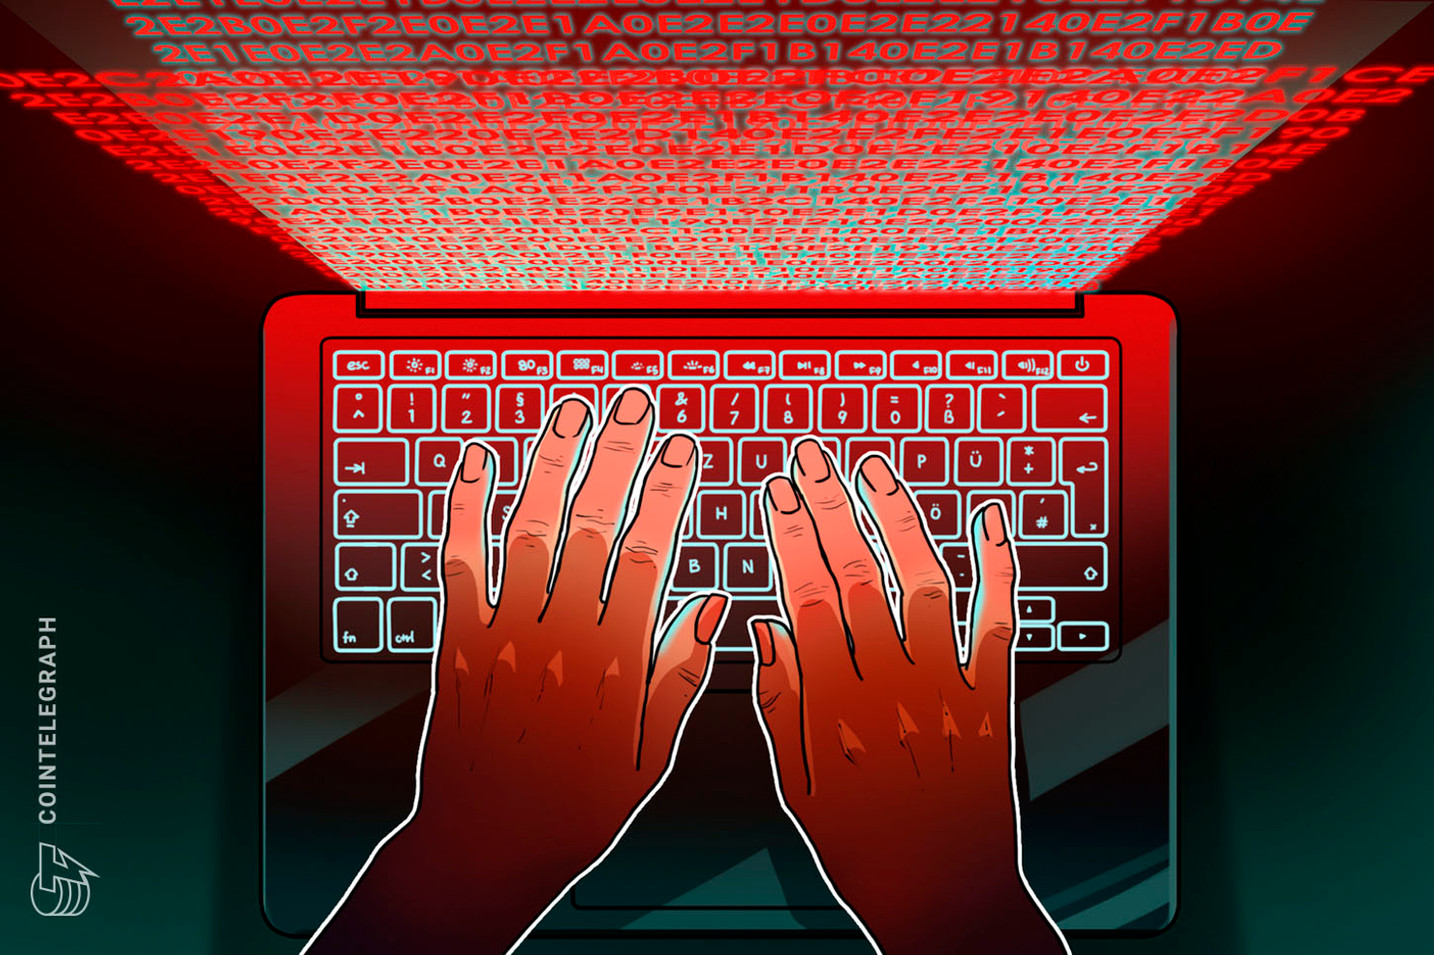 ULTIMA HORA: Exchange de criptomonedas UpBit confirma el robo de 342.000 ETH – 50 millones de dólares